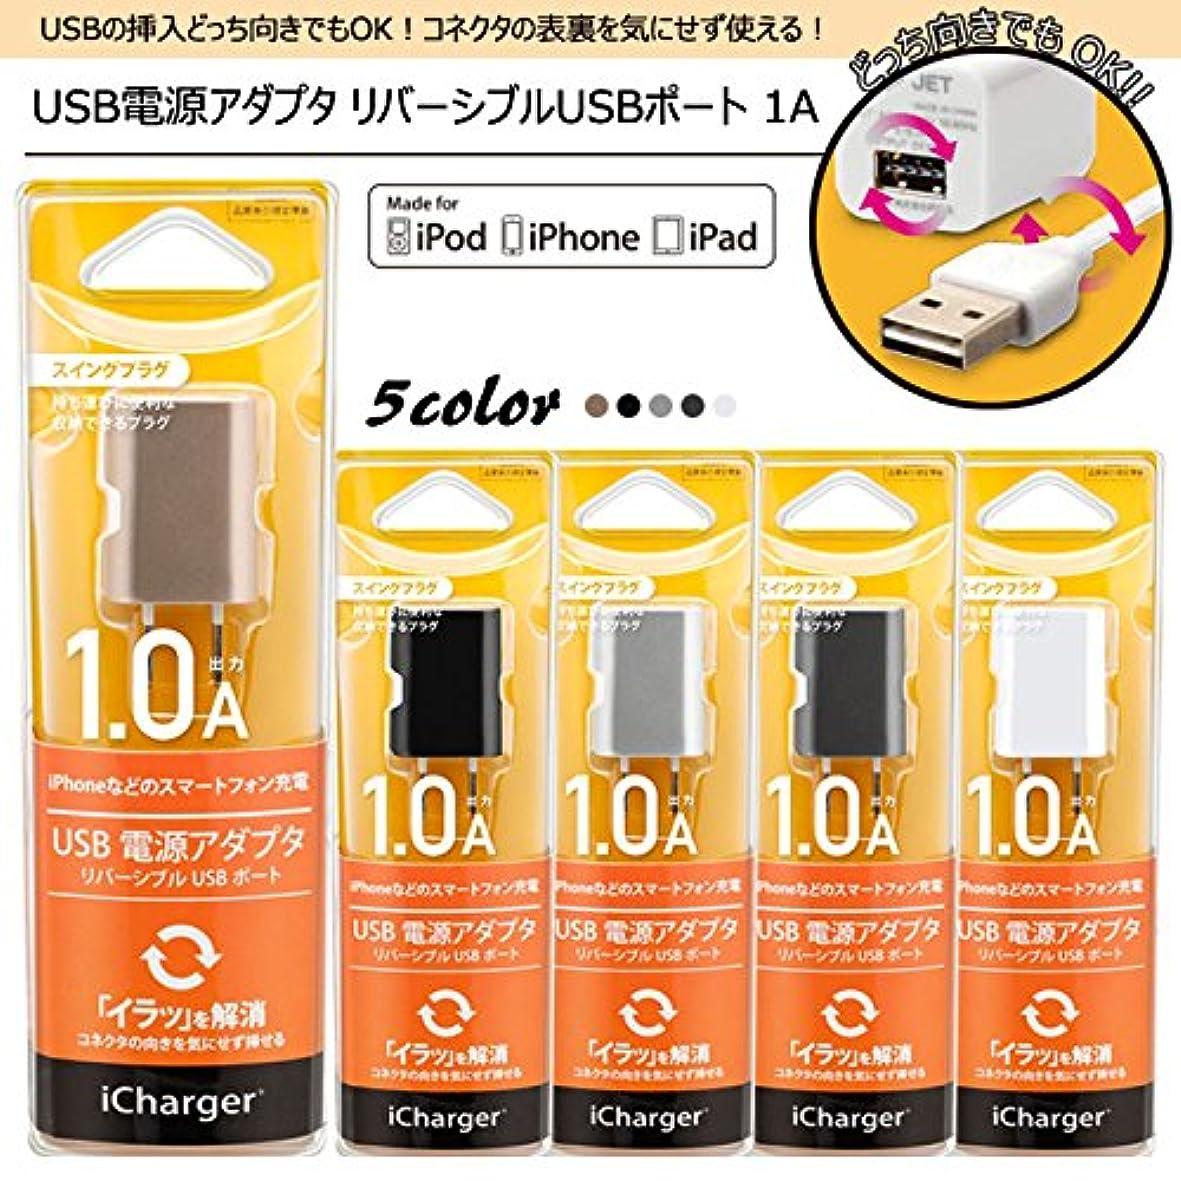 基本的な観客離れてiCharger USB電源アダプタ リバーシブルUSBポート 1A スペースグレイ PG-RAC10A05SG PG-RAC10A05SG